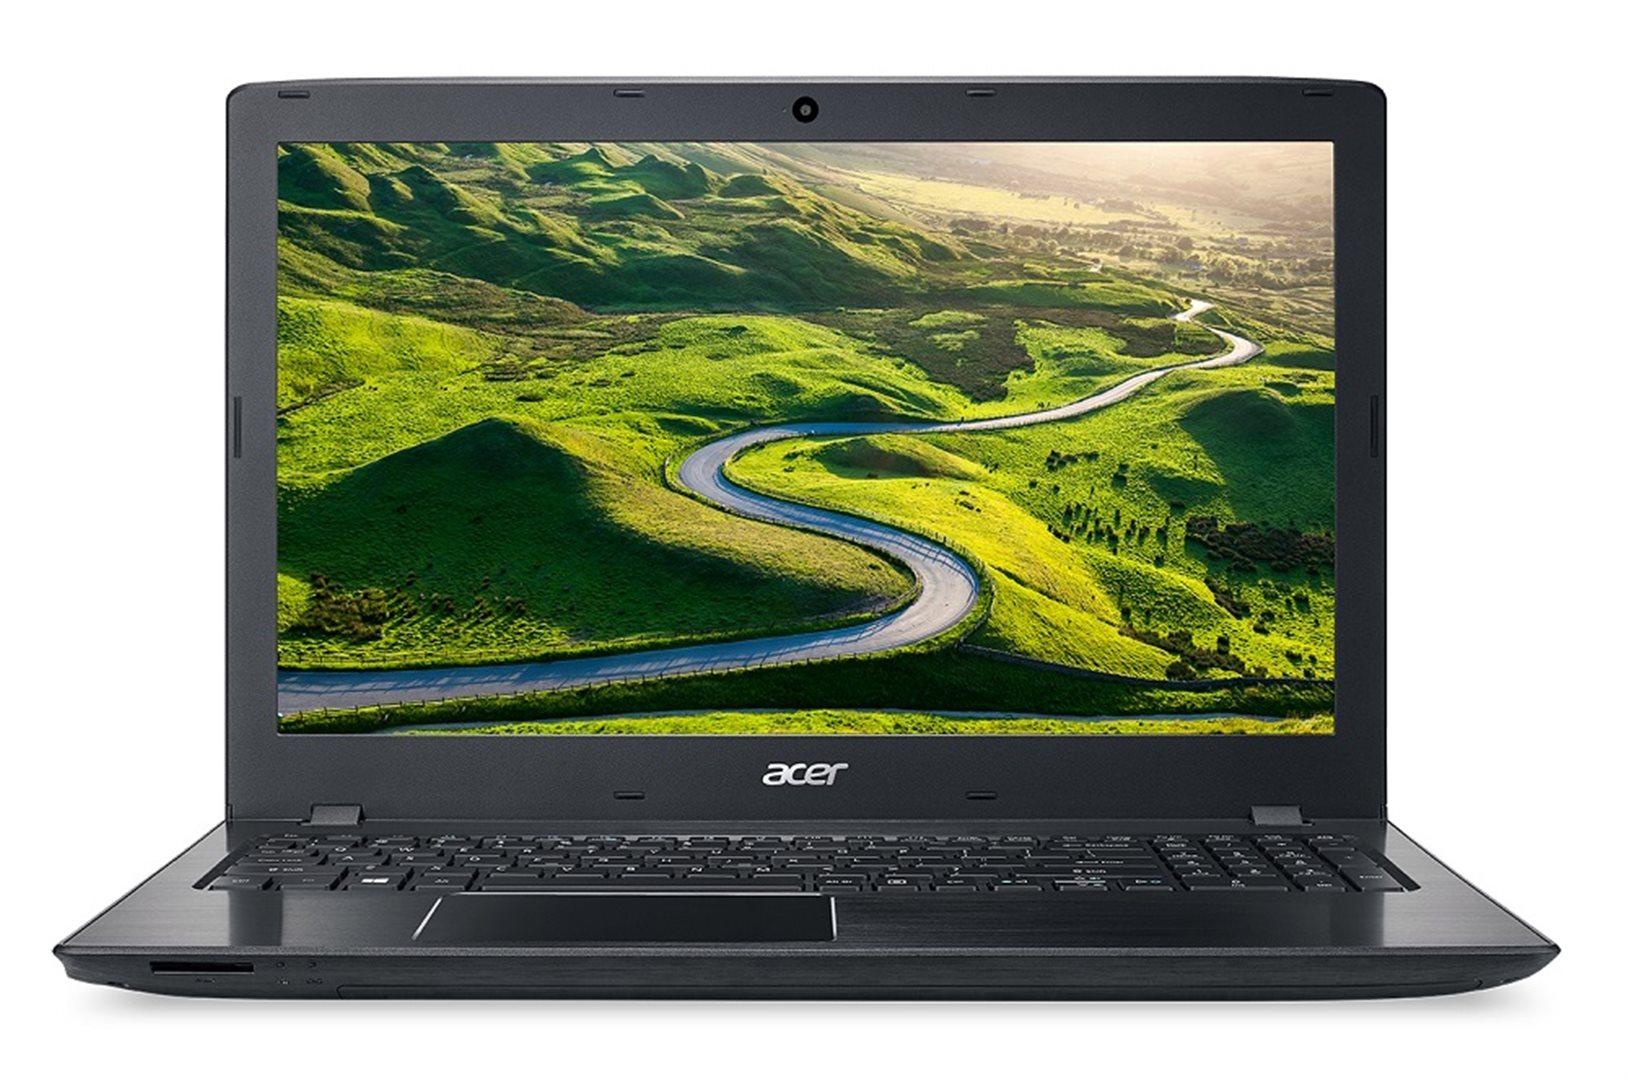 Acer Aspire E15 15,6/i5-6200U/4G/128SSD/W10 černý